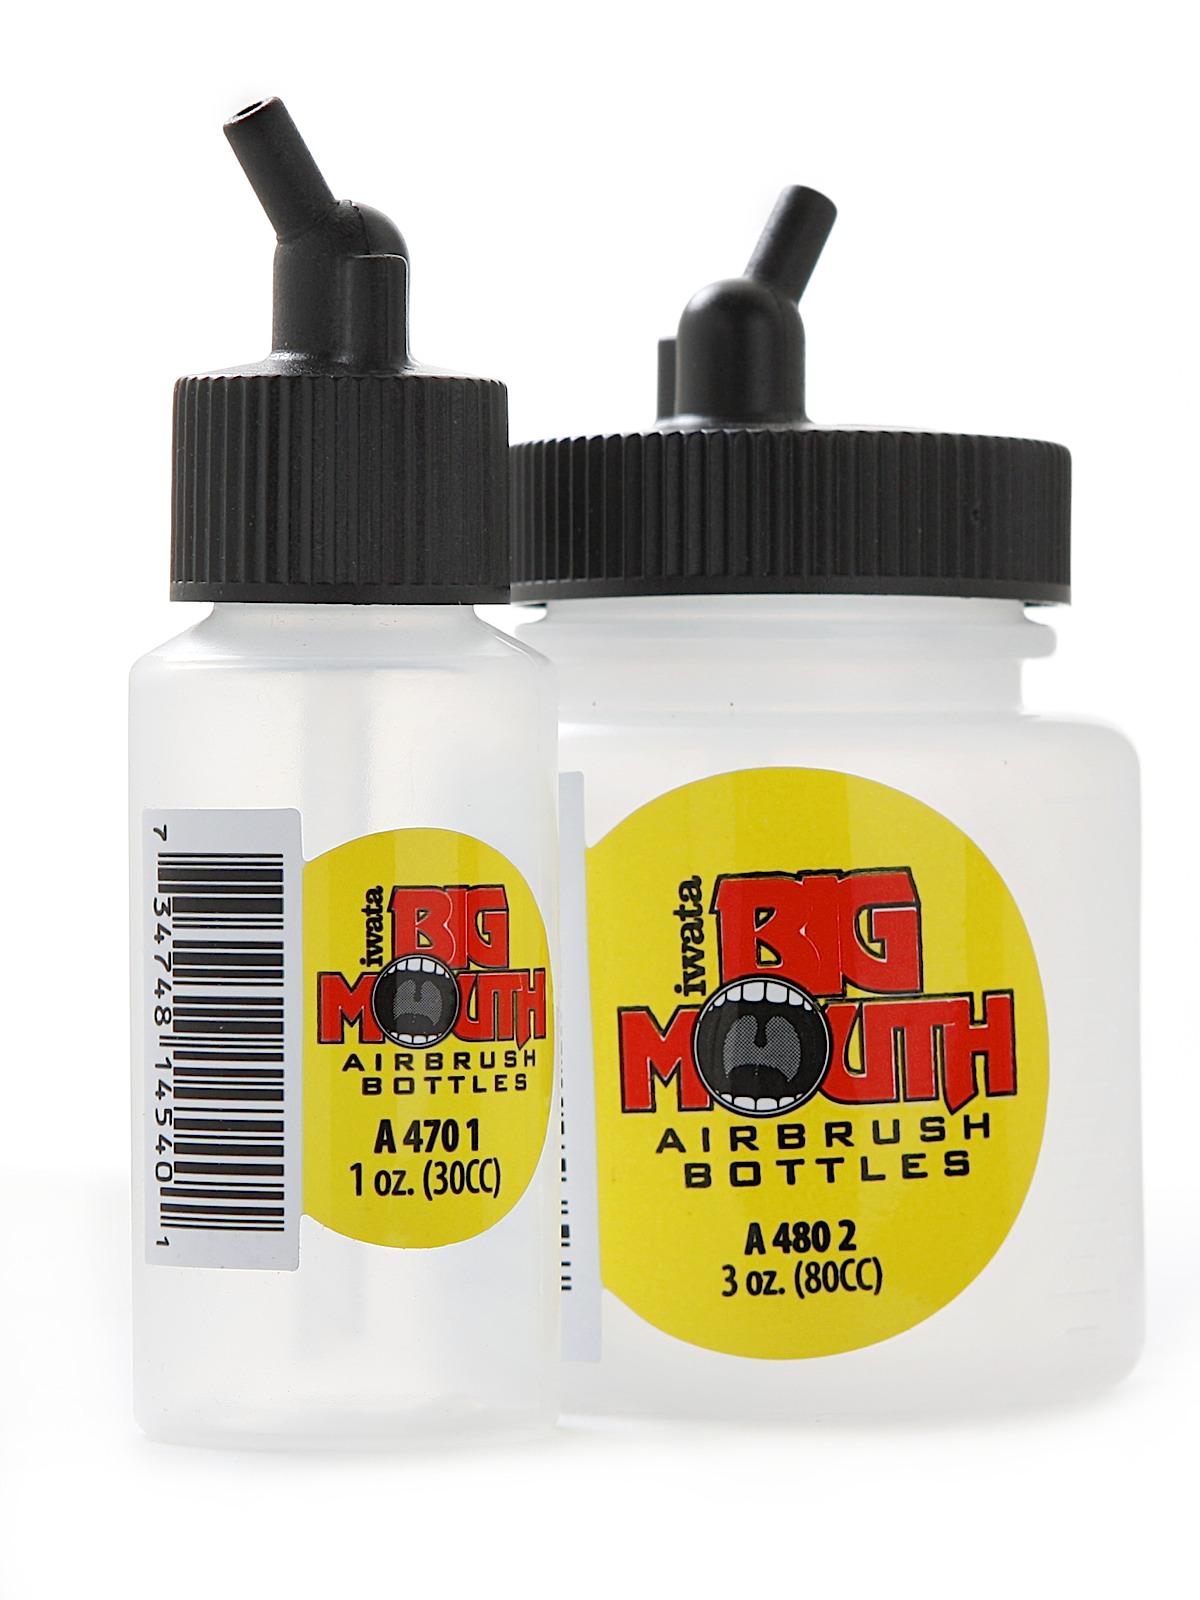 Big Mouth Airbrush Bottles